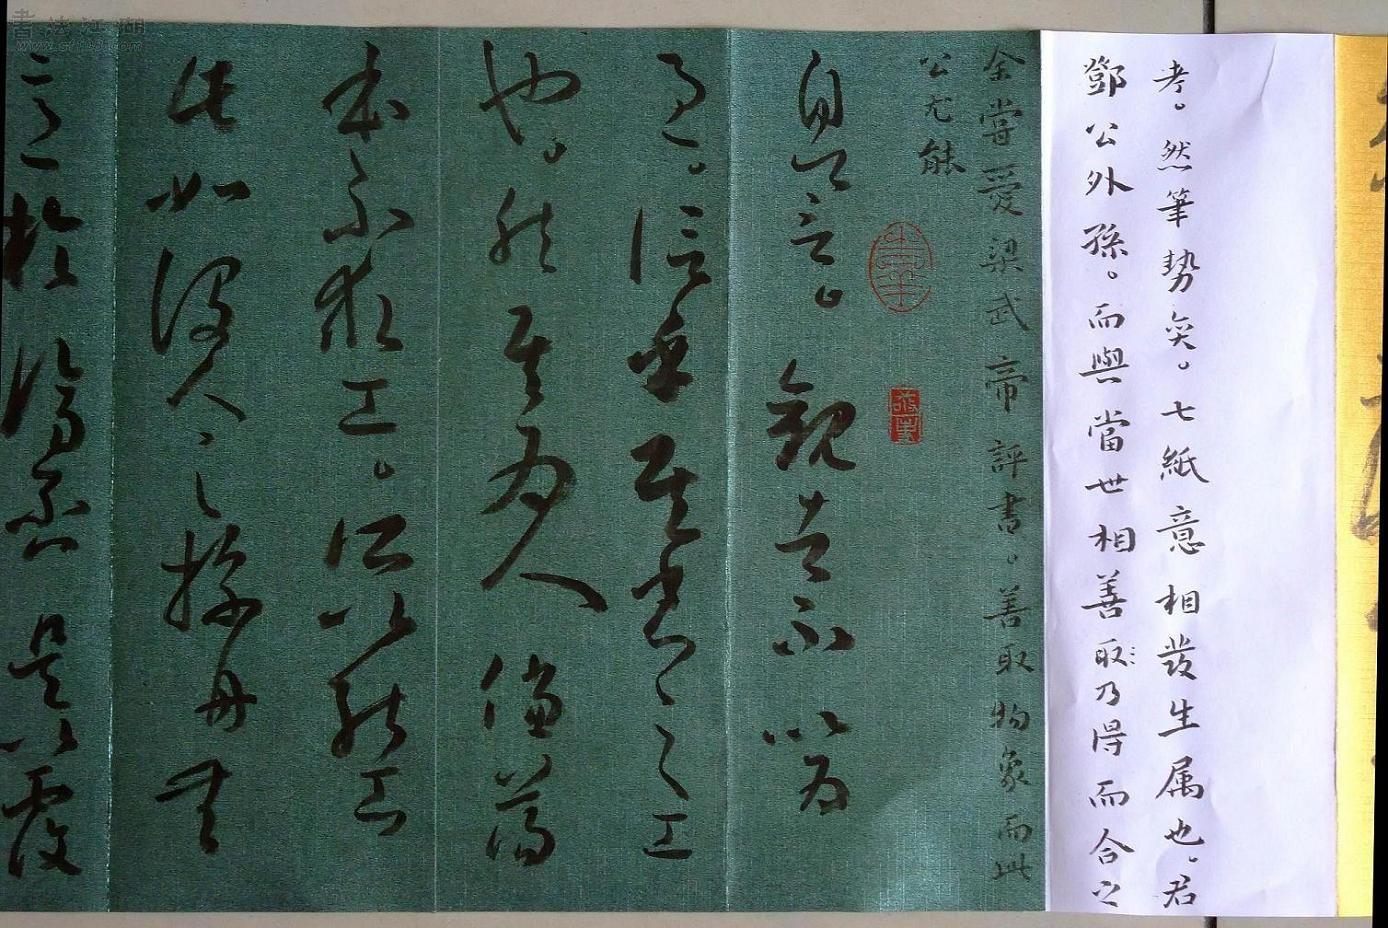 叶小勇书东坡跋文0910-08.jpg